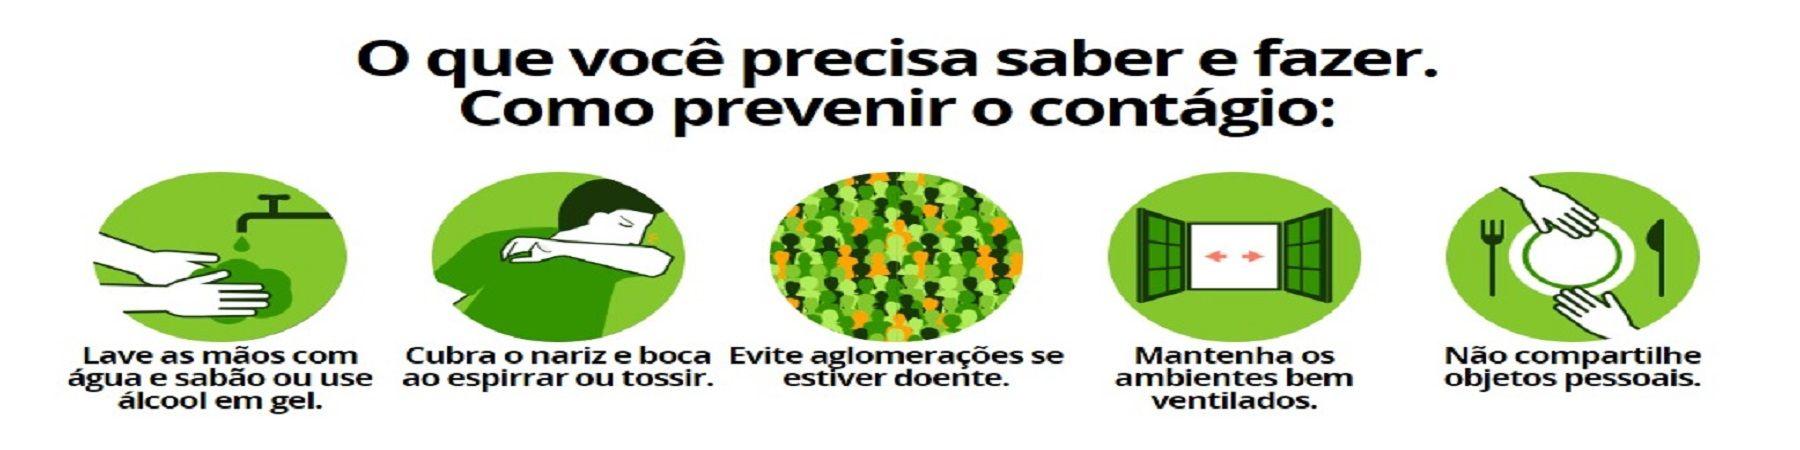 Medidas de prevenção ao COVID-19